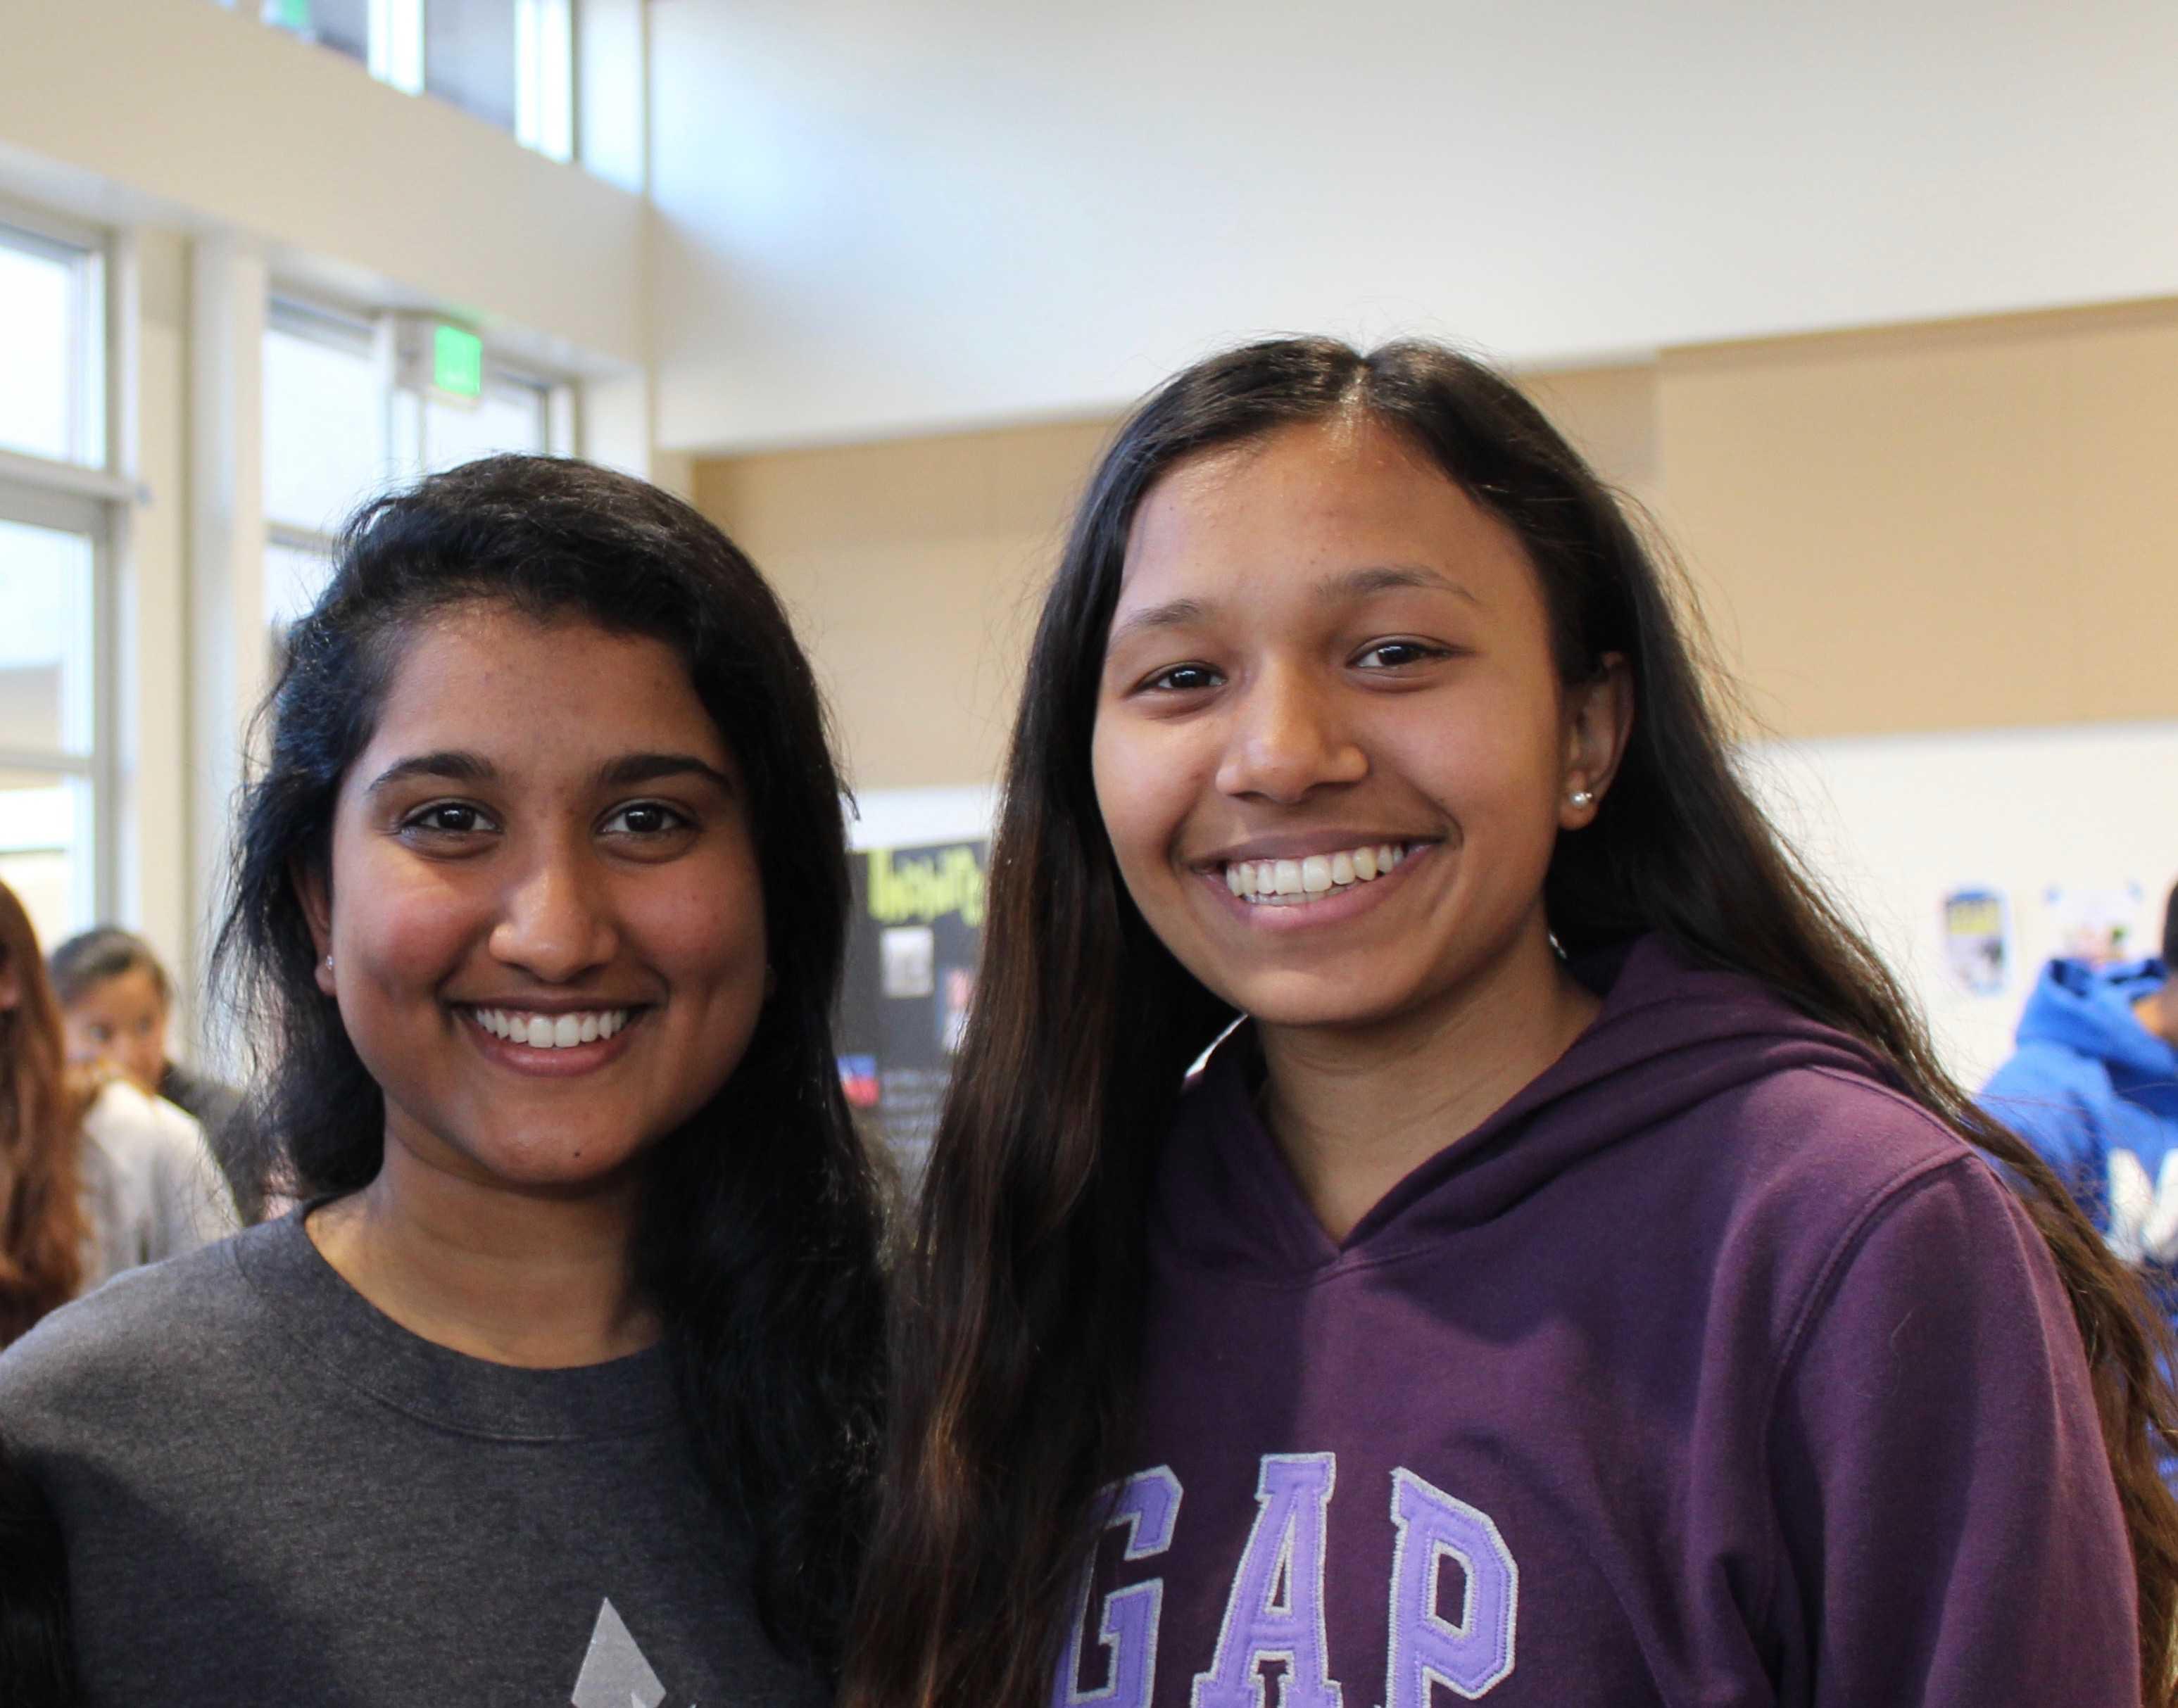 Niti and Sindhu